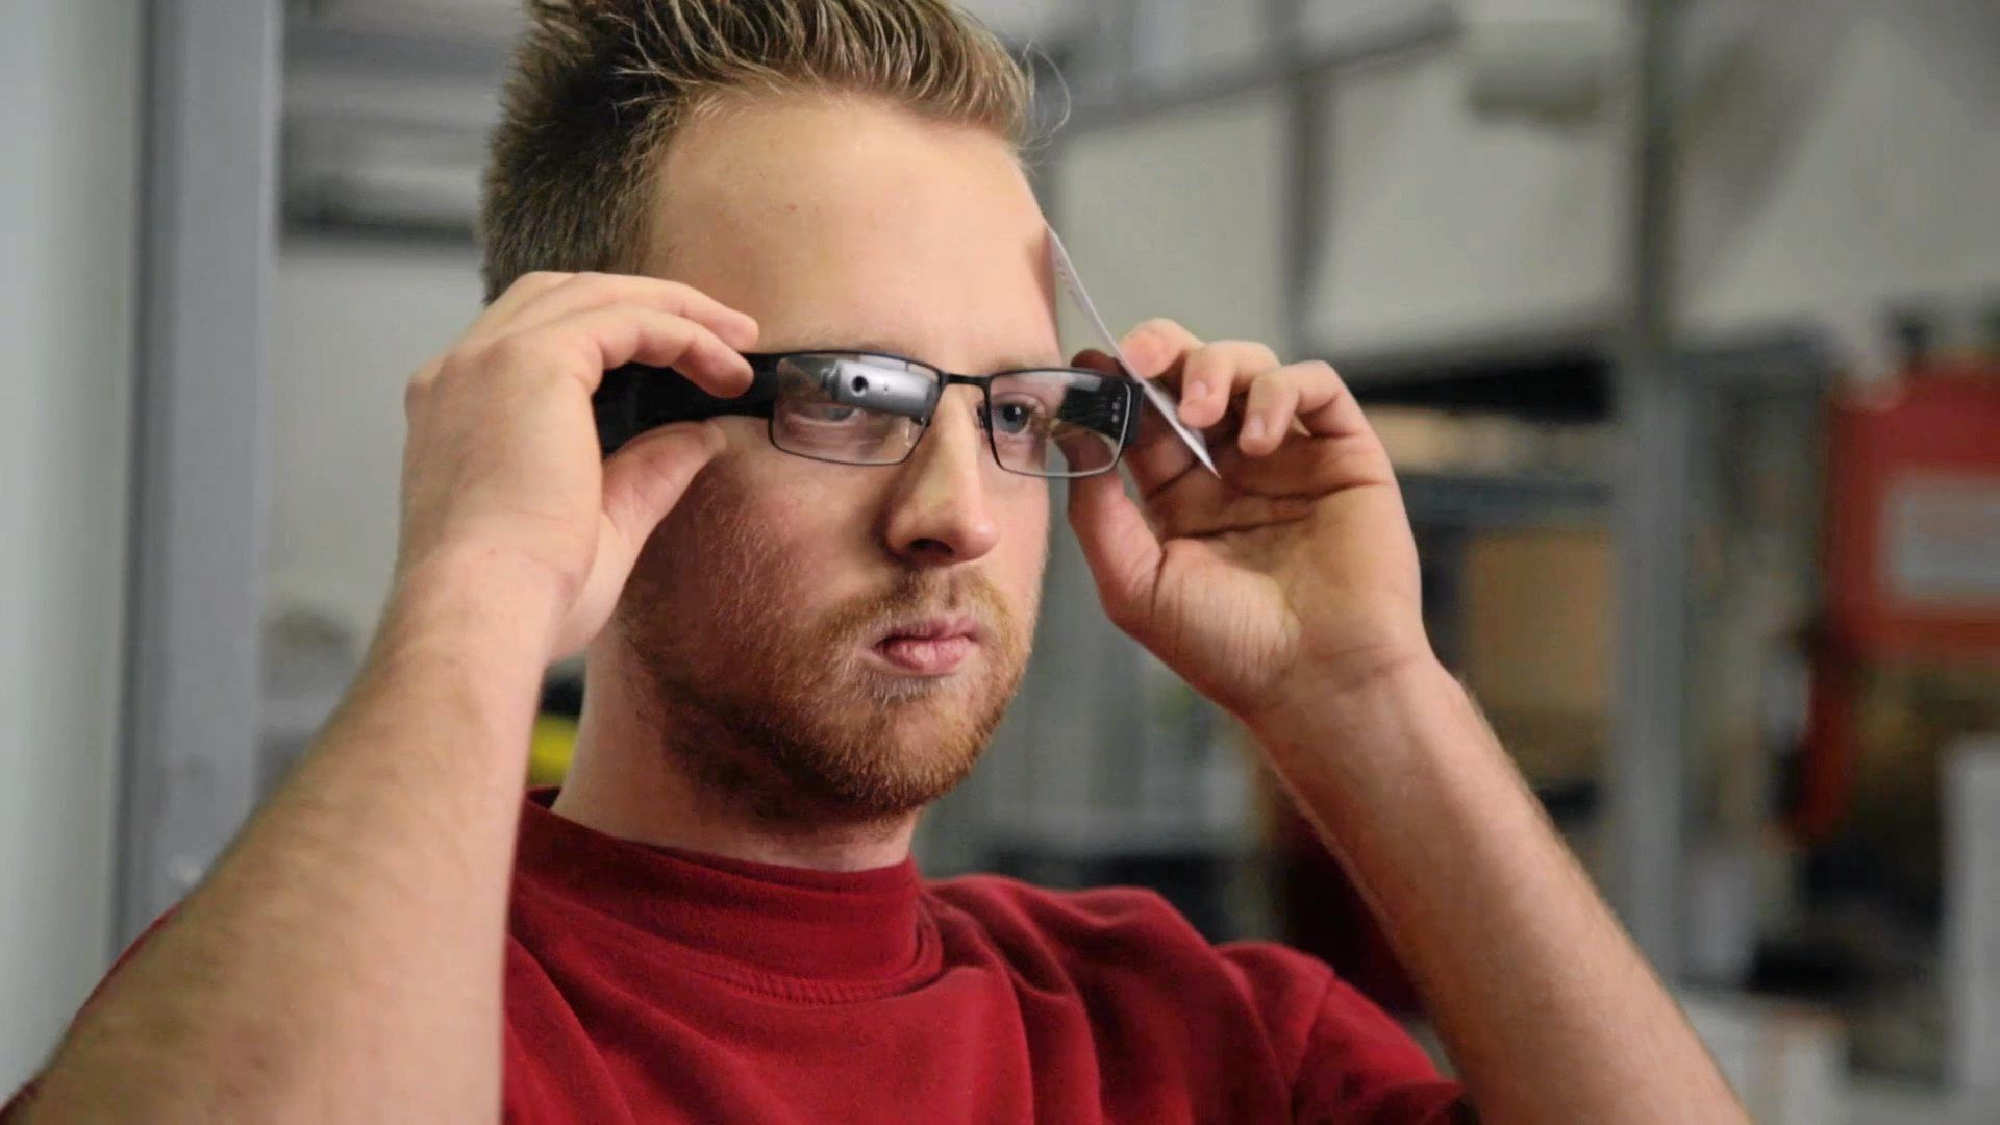 AUGMENTEDREALITY: Dissebrillene prøverDHL allerede ut,og gir lagermedarbeiderentilgang til bådeplukkliste ogvareplasseringrett i synsfeltet.